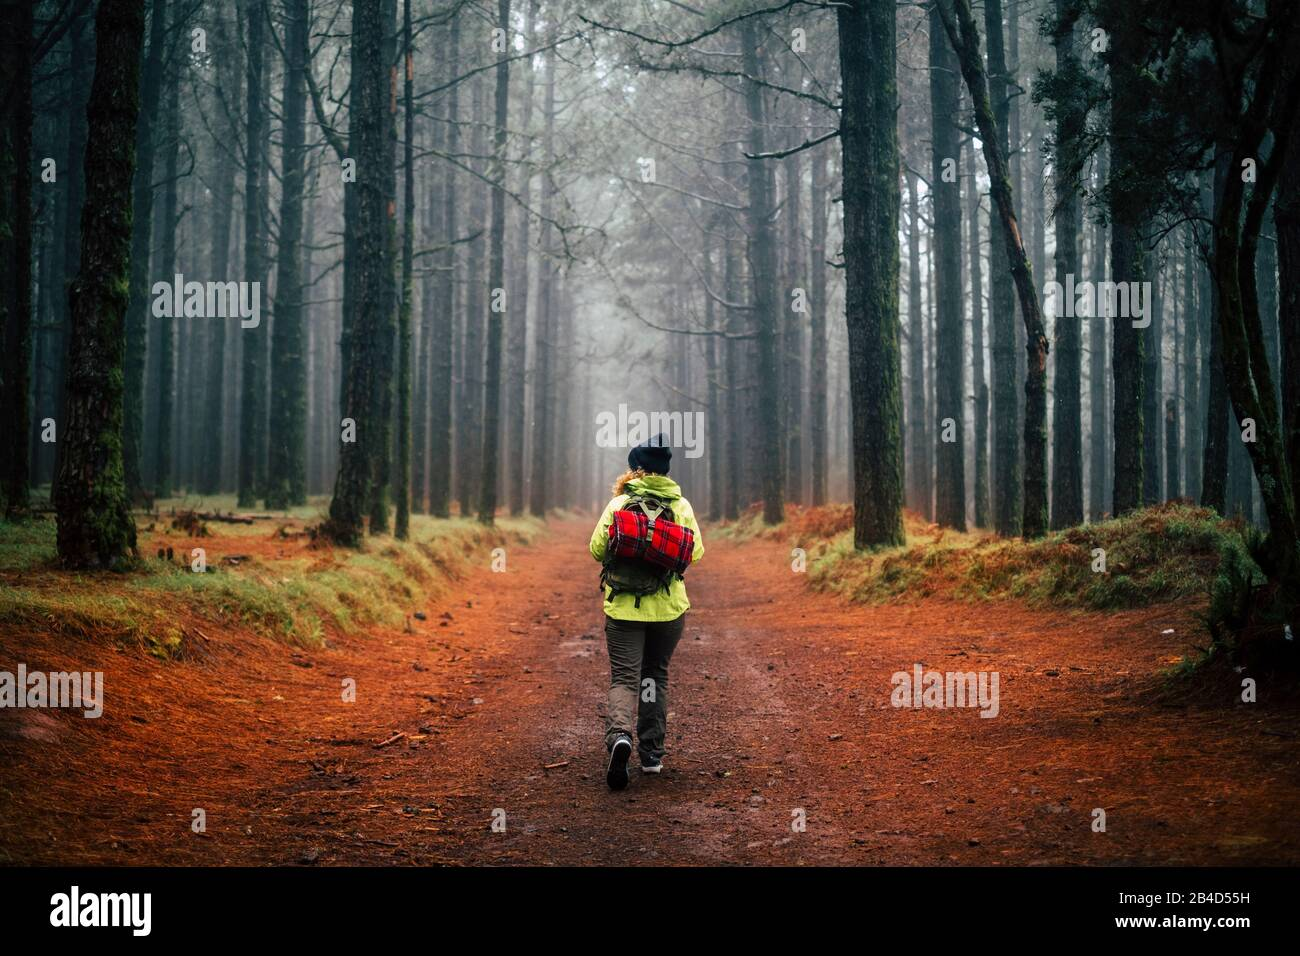 Mujer aventura caminar sola en el medio de un bosque de pinos hgh en la temporada de otoño y la niebla clima sensación - libertad y actividades de ocio al aire libre en el concepto de la gente del parque Foto de stock